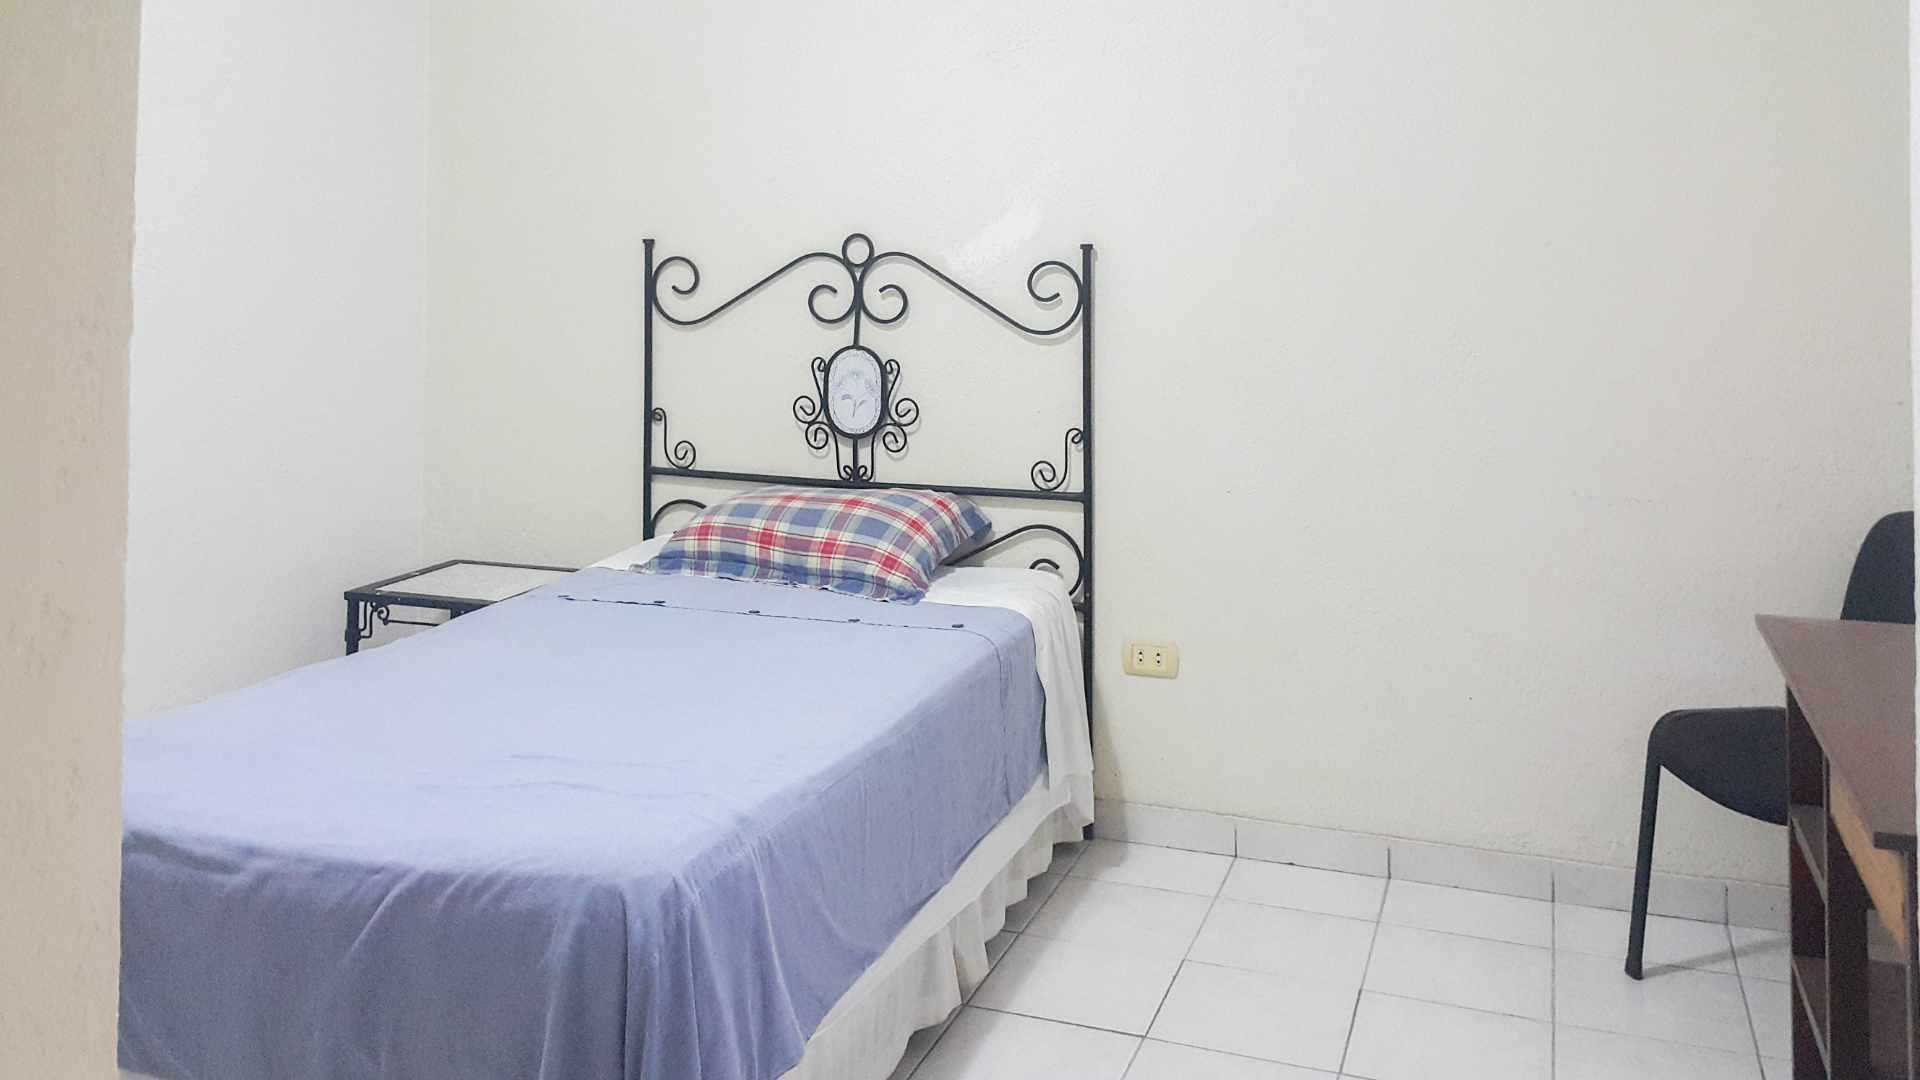 Departamento en Alquiler Hotel Buganvillas alquilo departamento amoblado Foto 12